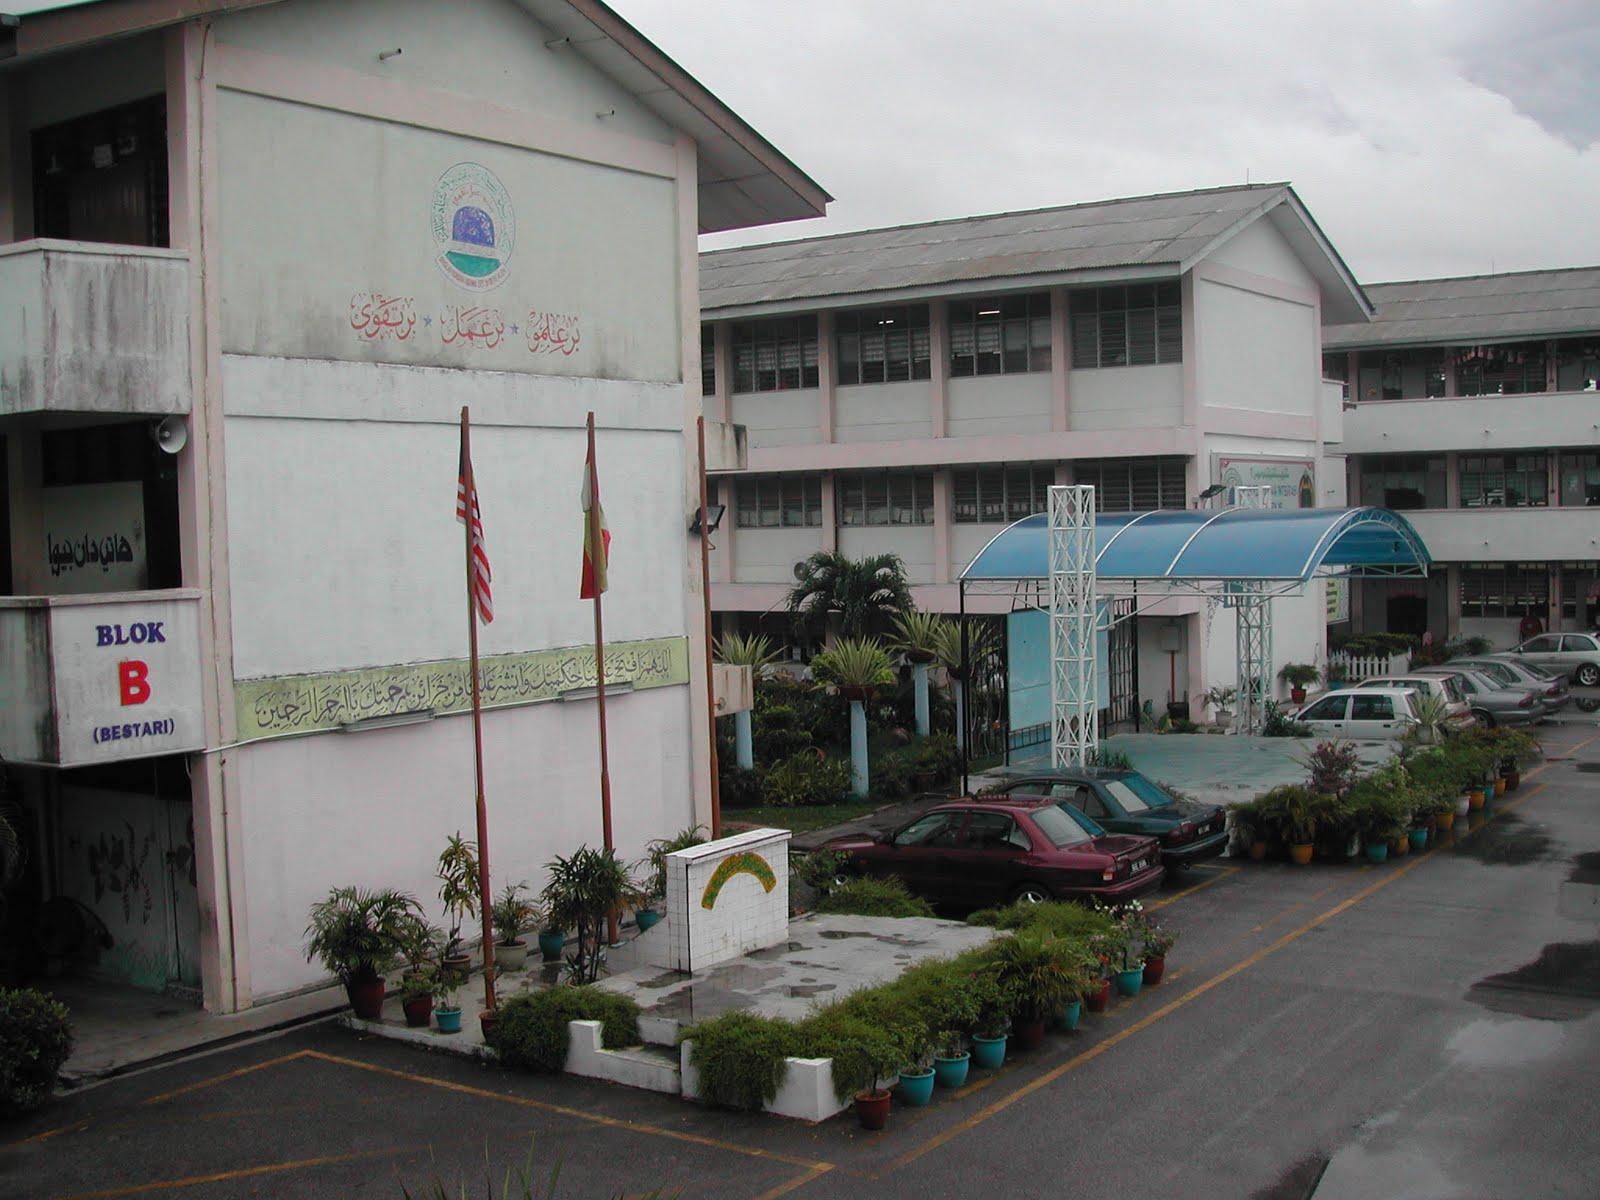 Buletin Srai Selangor Senarai Sekolah Rendah Agama Integrasi Srai Negeri Selangor